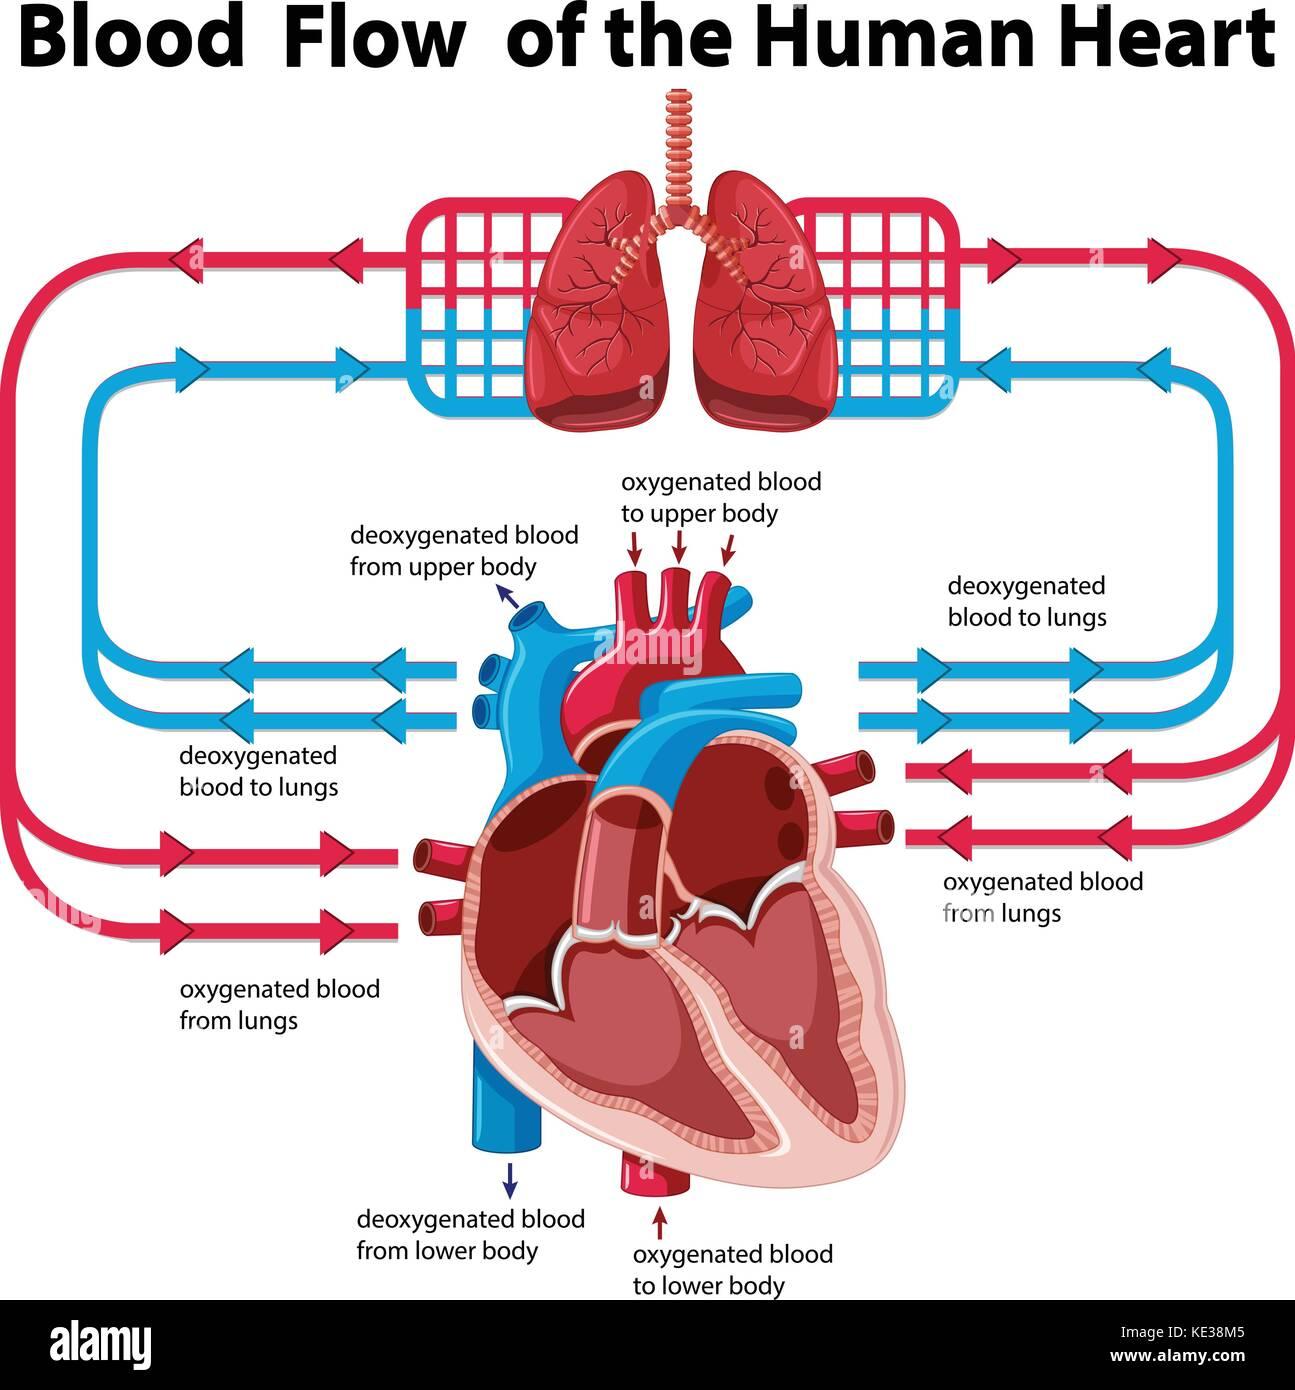 Diagramm Mit Den Blutfluss Des Menschlichen Herzens